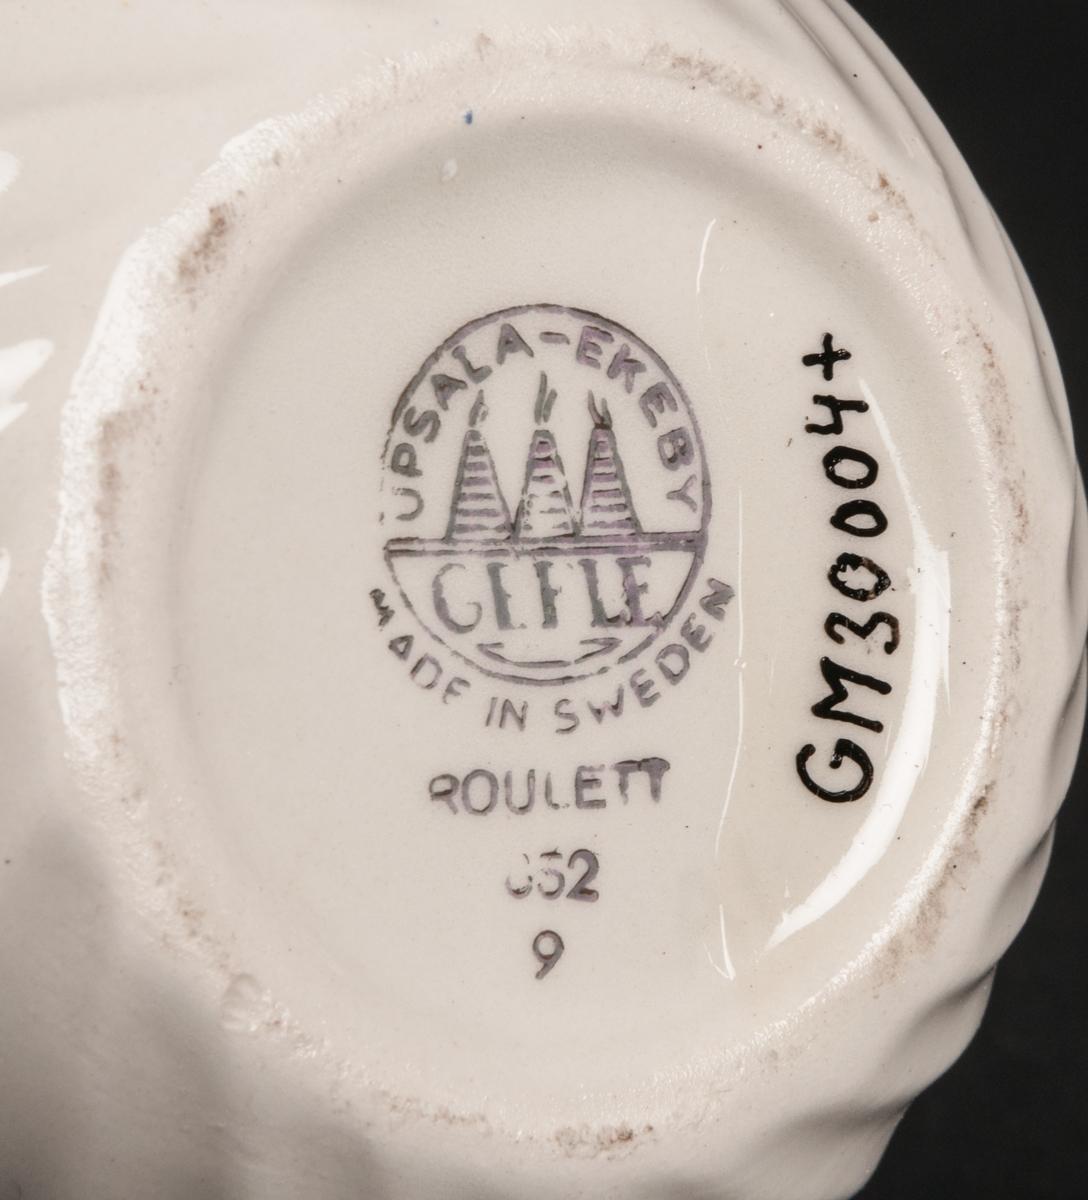 """Sockerskål med lock, flintgods, tillverkad vid Gefle Porslin. Modell: """"Roulett"""". Vitglaserad, närmast klotformad med vertikalt bågmönster. Lockets knopp klotformad med förgylld topp. Färgstämpel i grått: Upsala-Ekeby Gefle och rundugnar i cirkel, Made in Sweden, Roulett 852 9."""